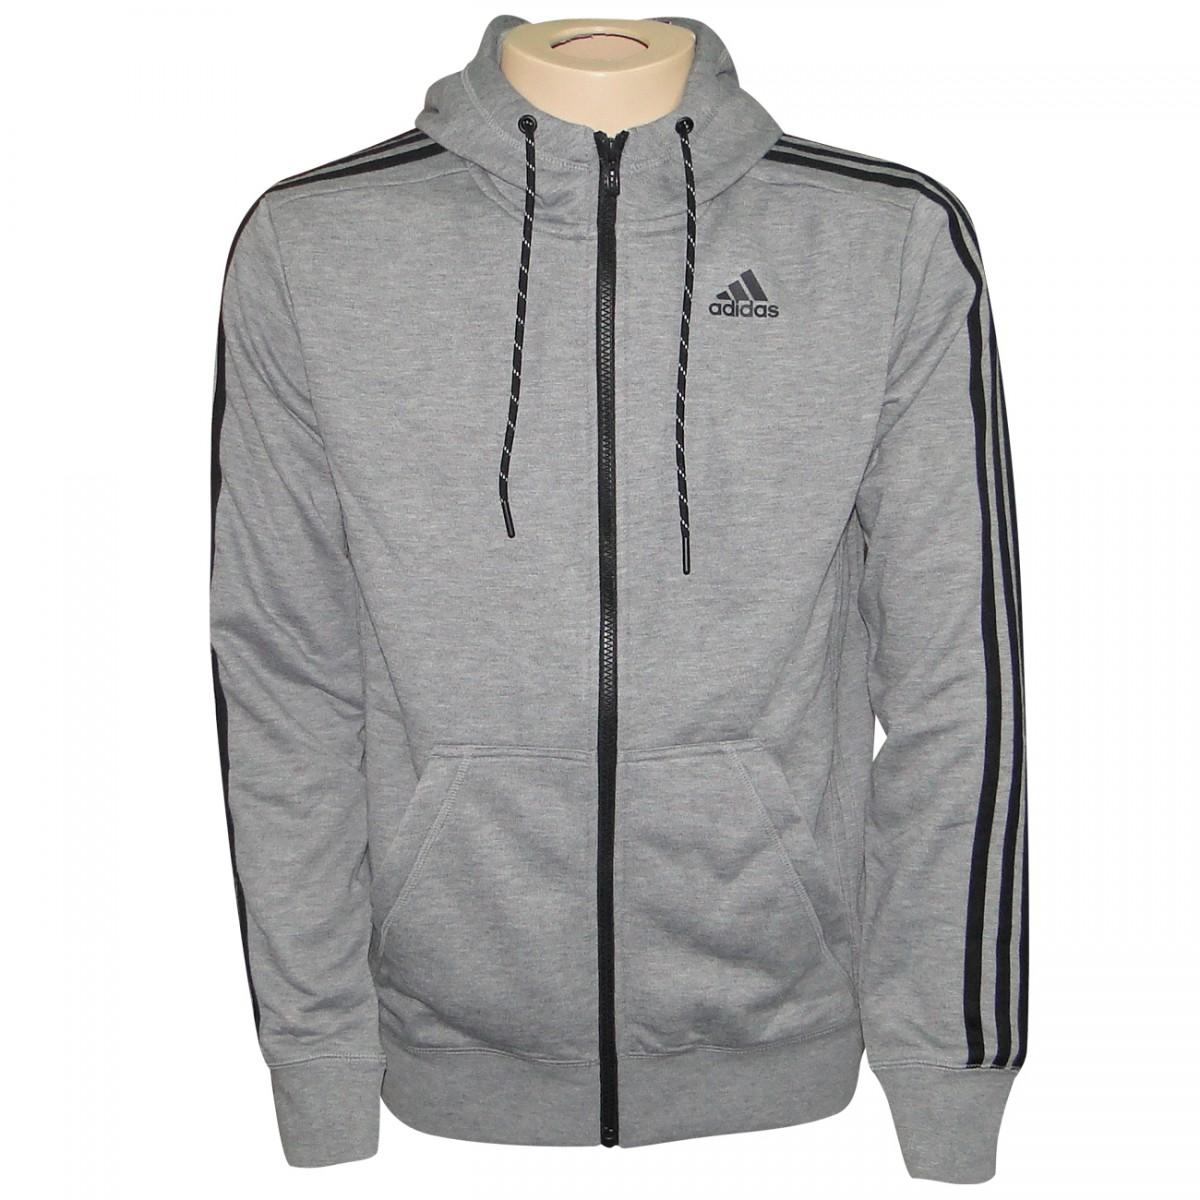 5f755a01c Jaqueta Adidas Ess The Hood S12904 - Mescla/Preto - Chuteira Nike, Adidas.  Sandalias Femininas. Sandy Calçados